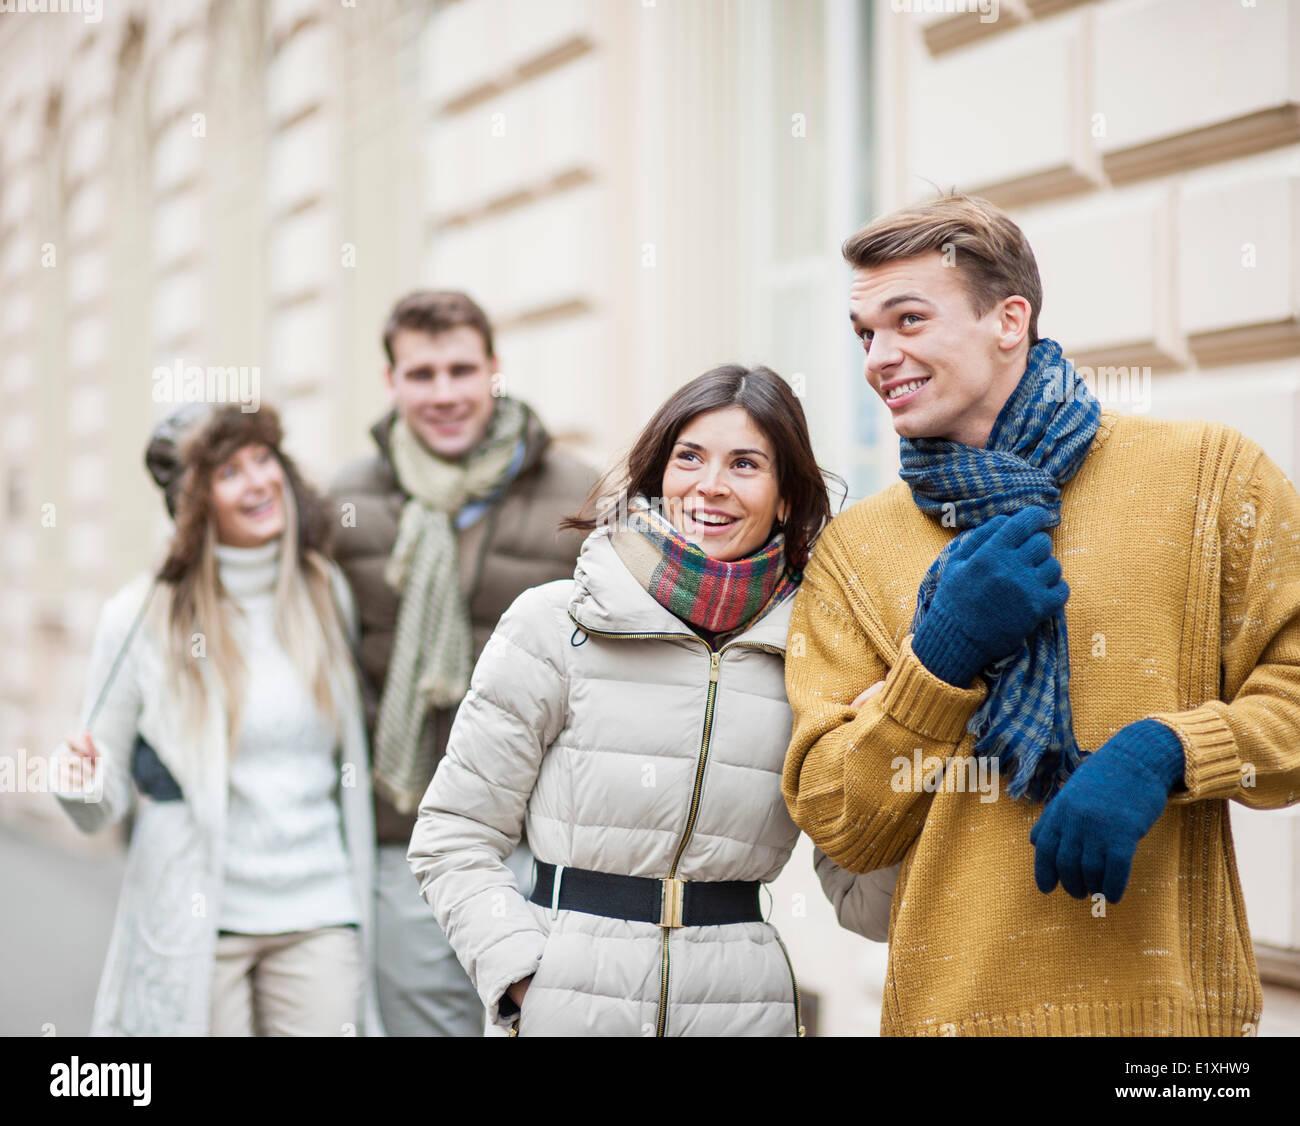 Les jeunes couples heureux en profitant des vêtements chauds locations Photo Stock